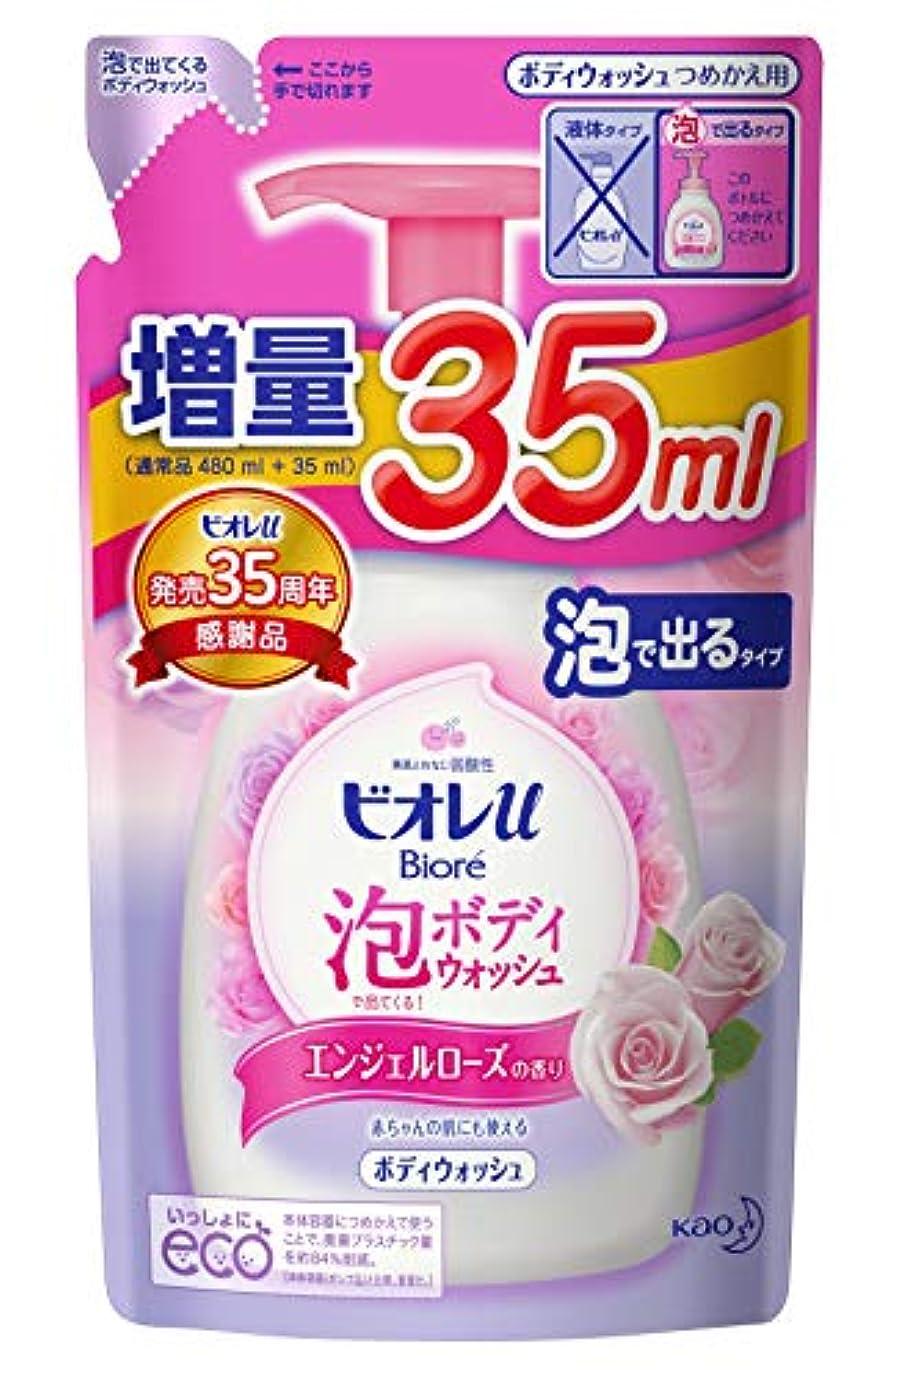 アライメント会計リスキーなビオレu 泡で出てくるボディウォッシュ エンジェルローズの香り つめかえ用 515ml(通常480ml+35ml)